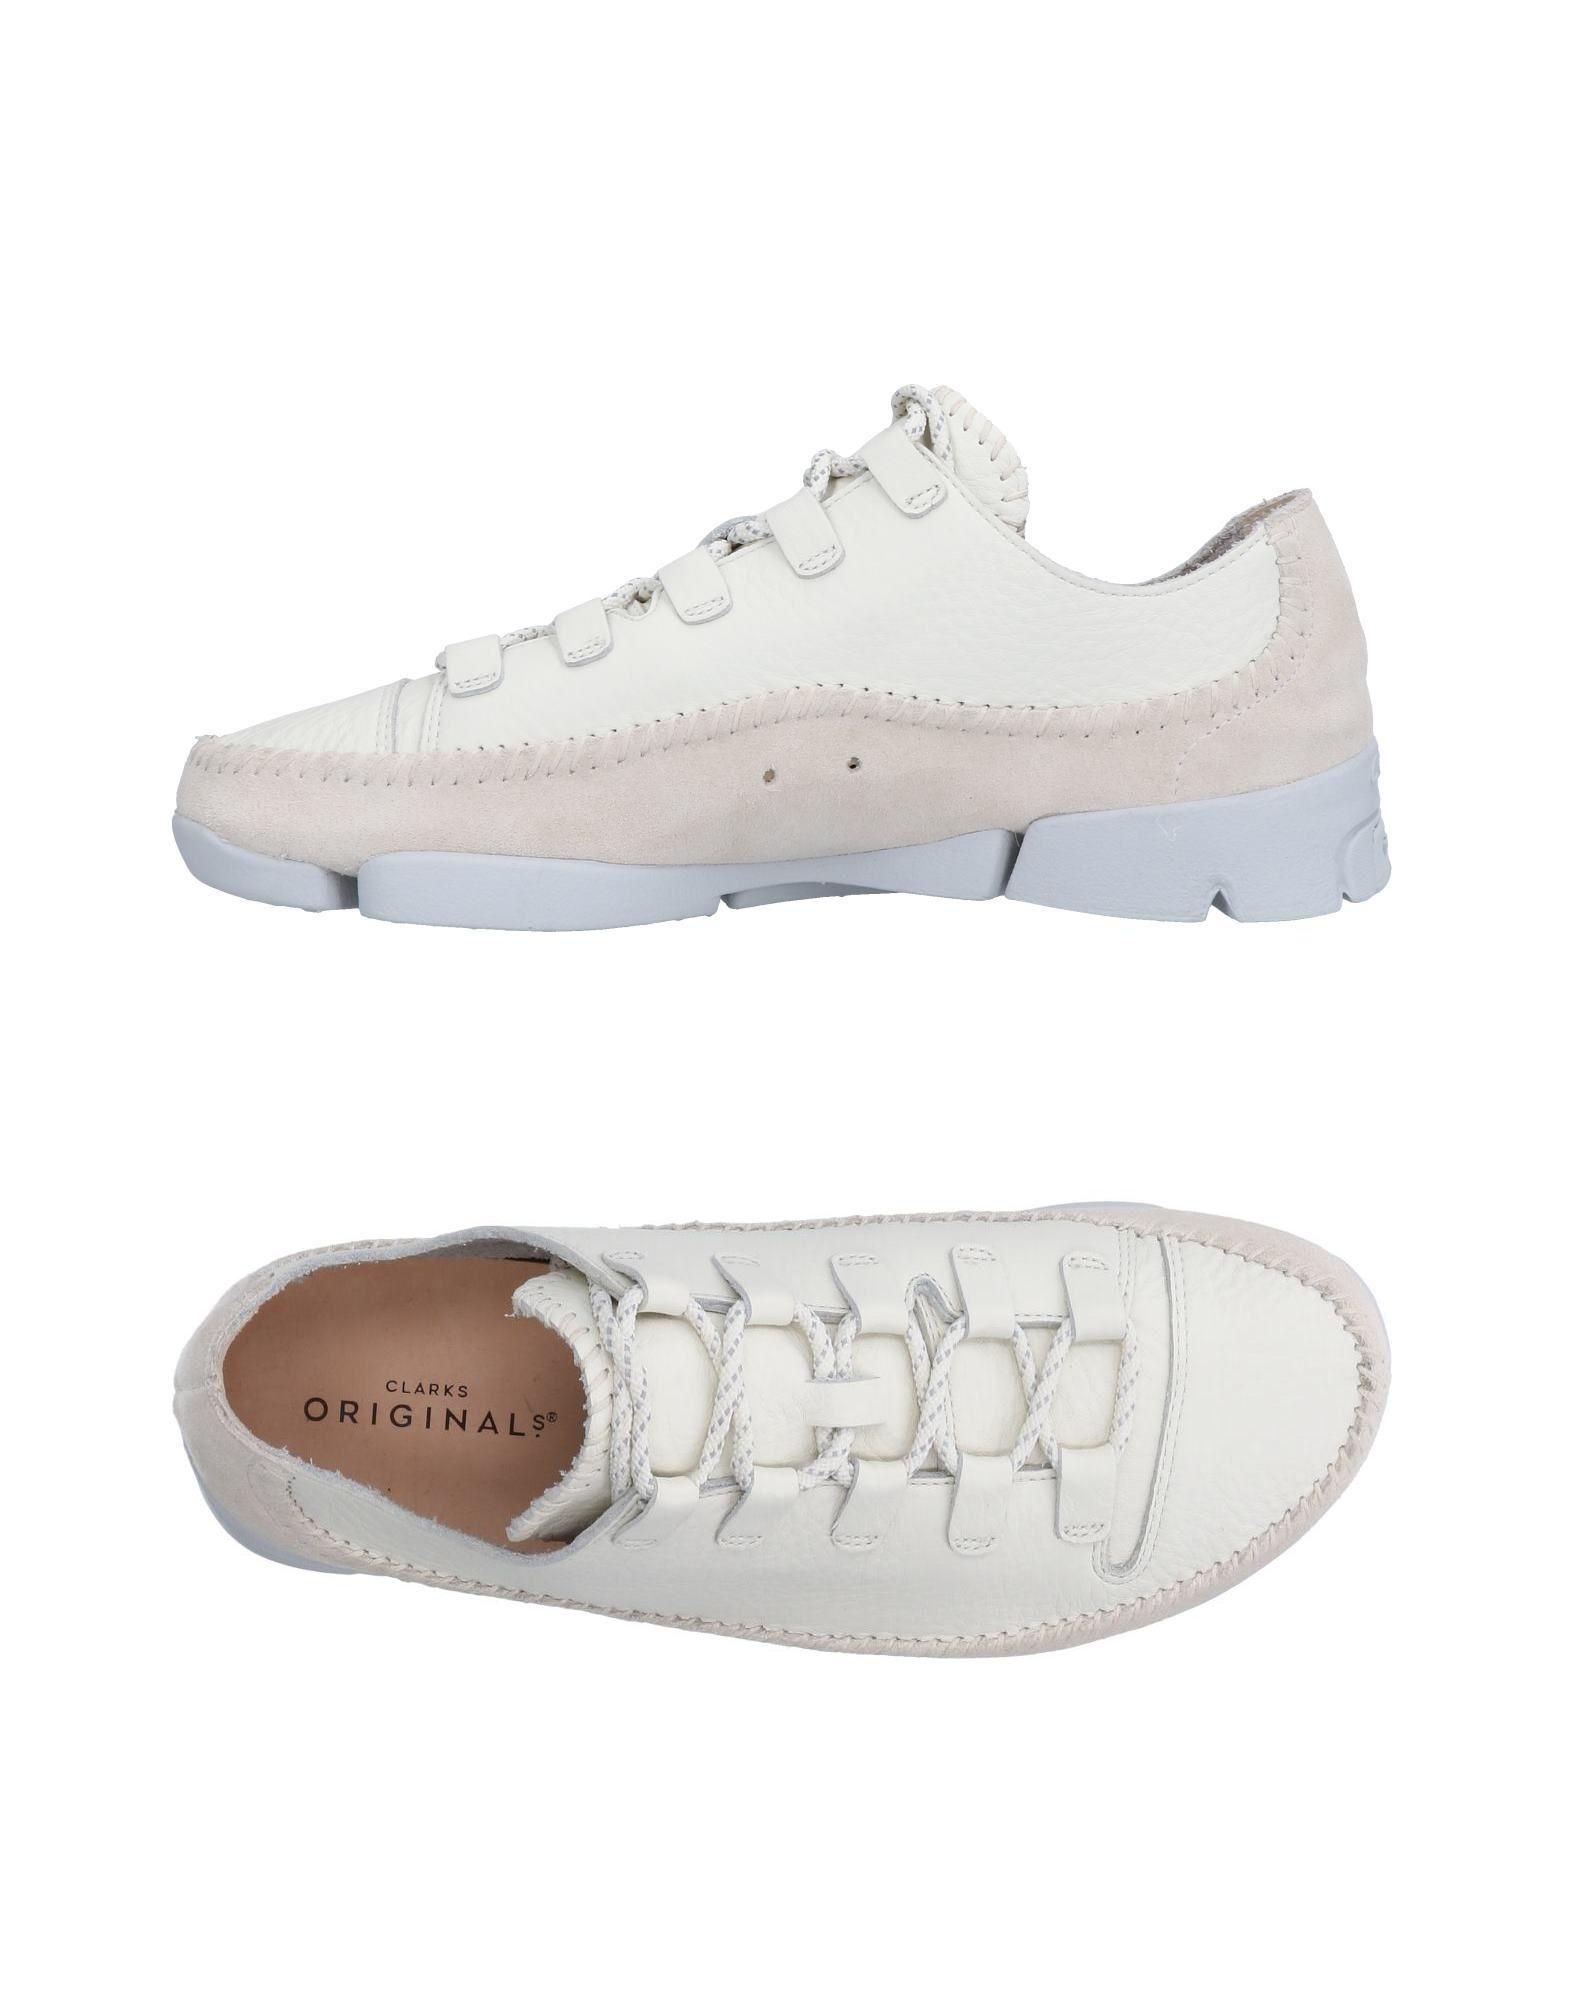 CLARKS ORIGINALS Sneakers in Ivory